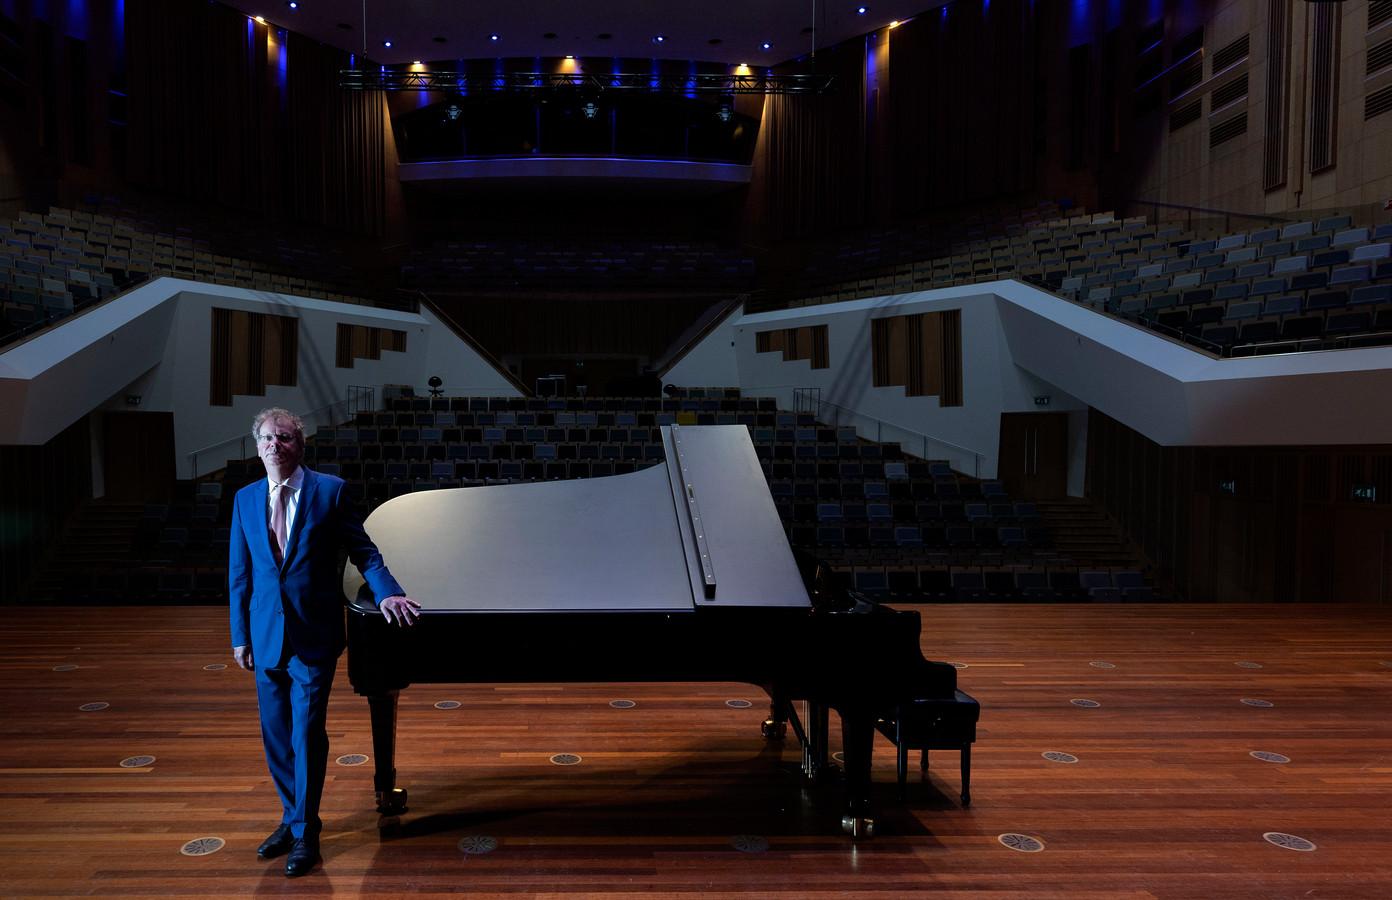 Wim Vringer, directeur Muziekgebouw Frits Philips, in de grote zaal.